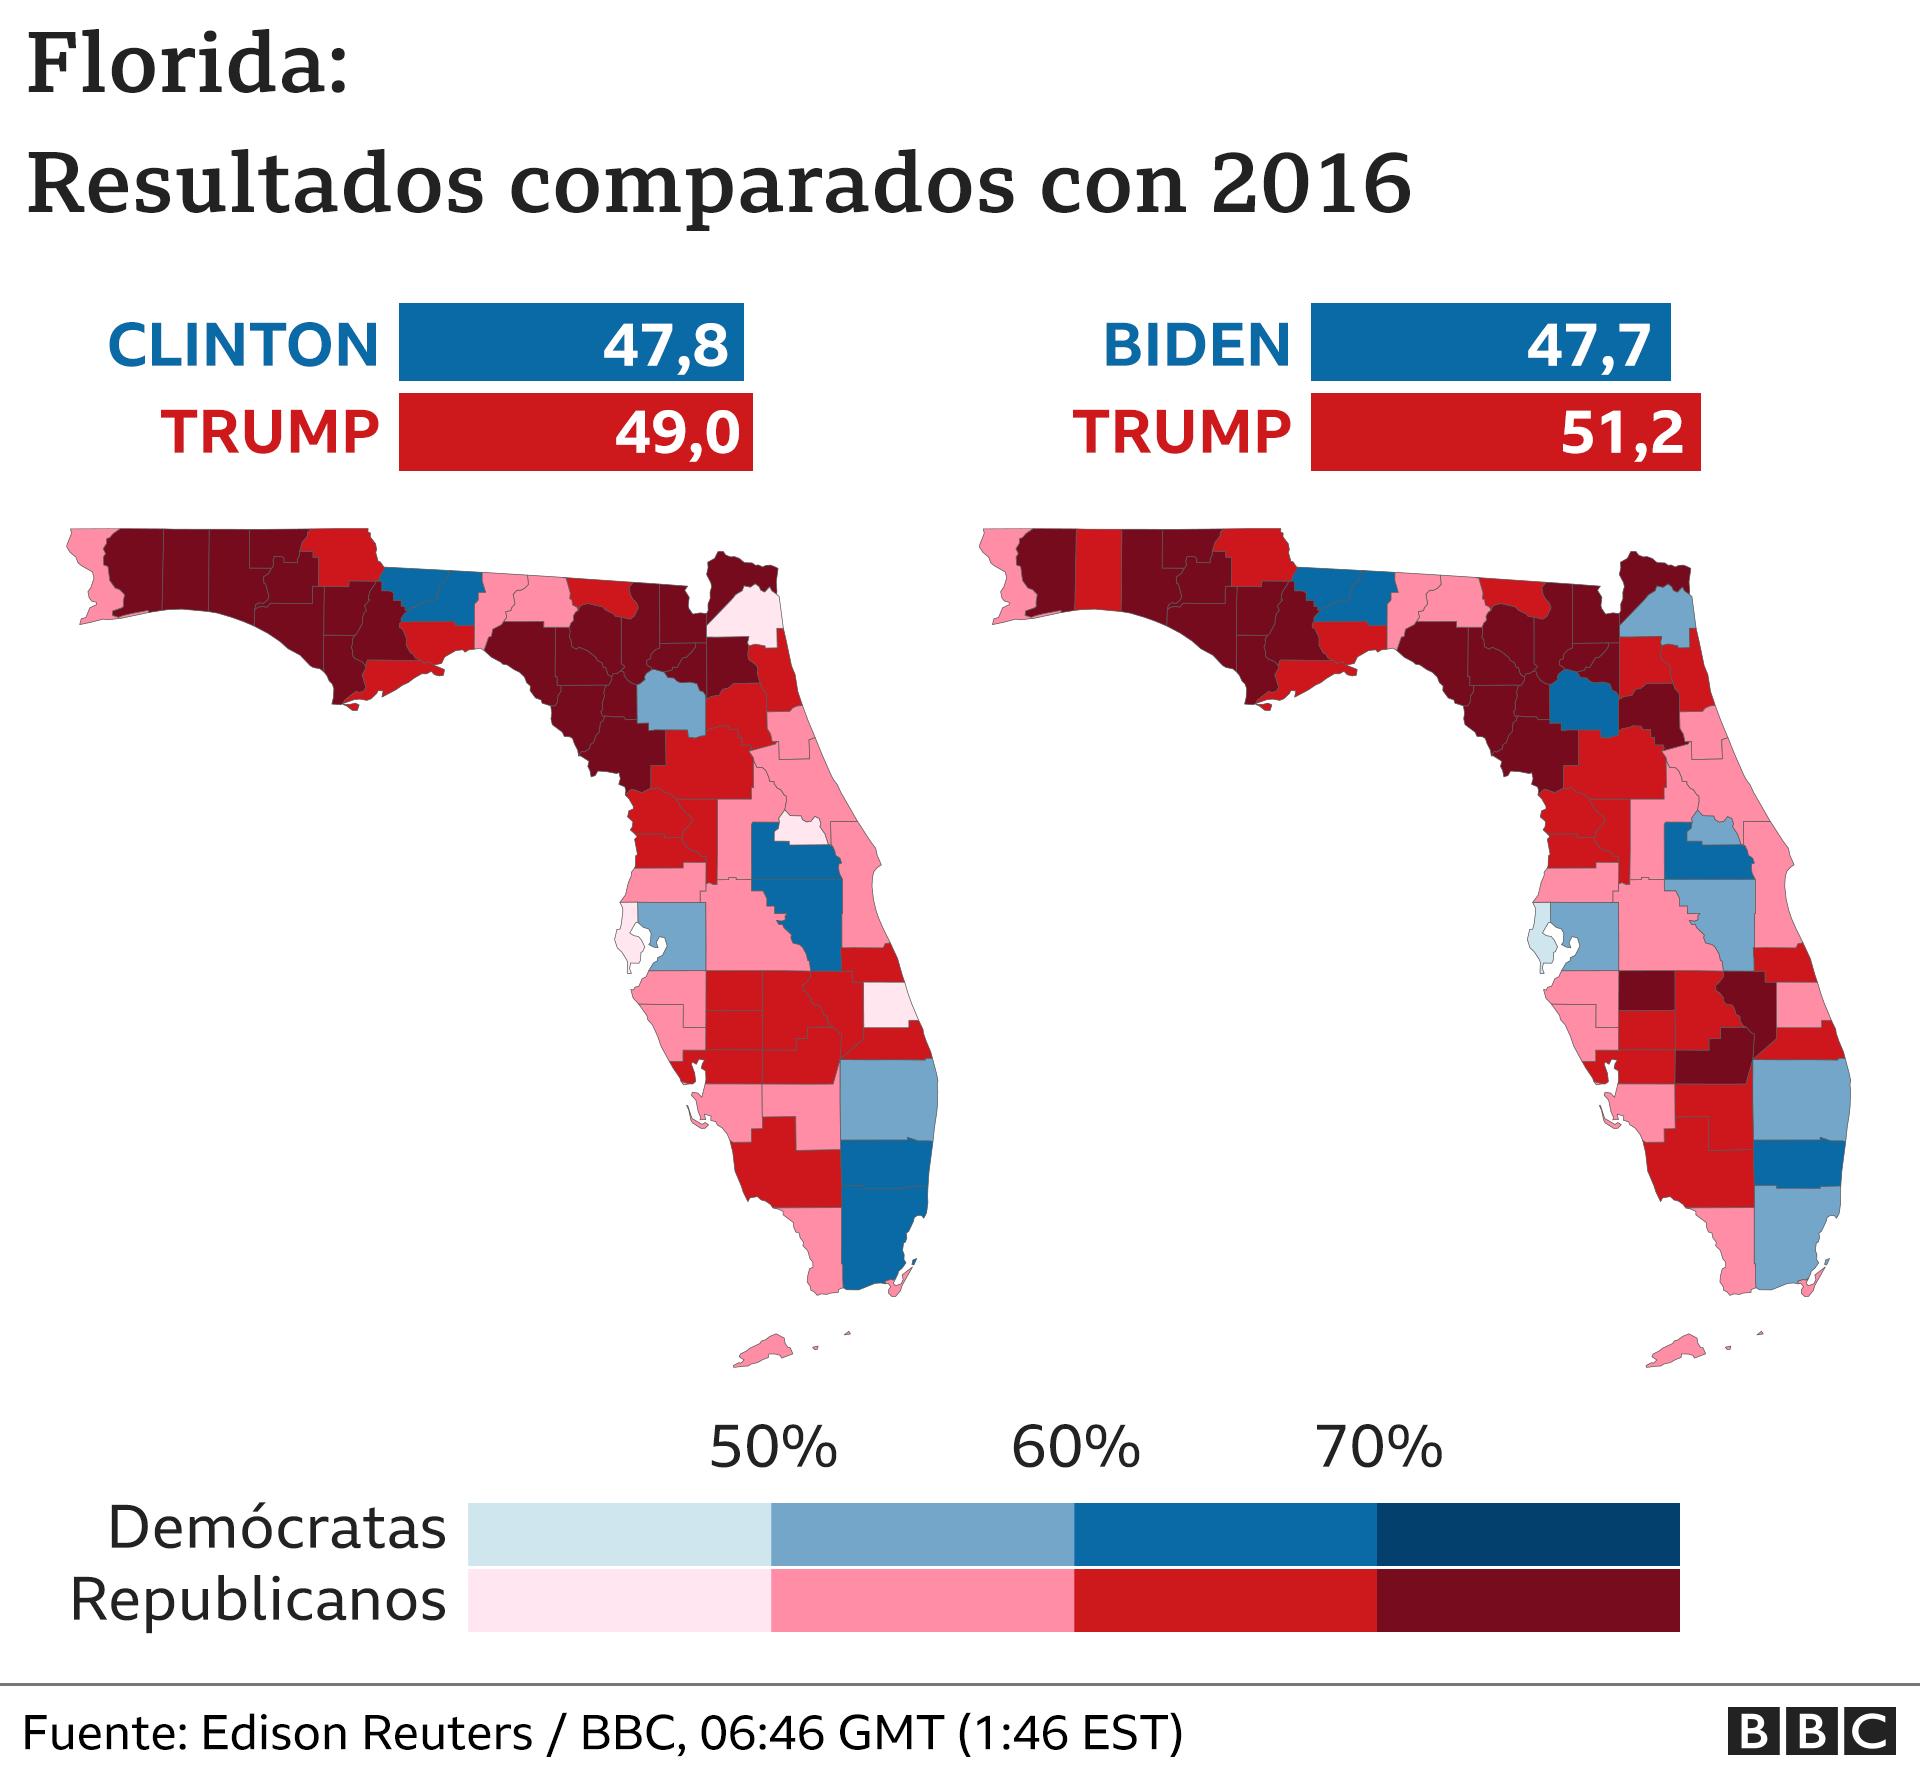 Mapa de Florida comparando resultados de 2016 con 2020